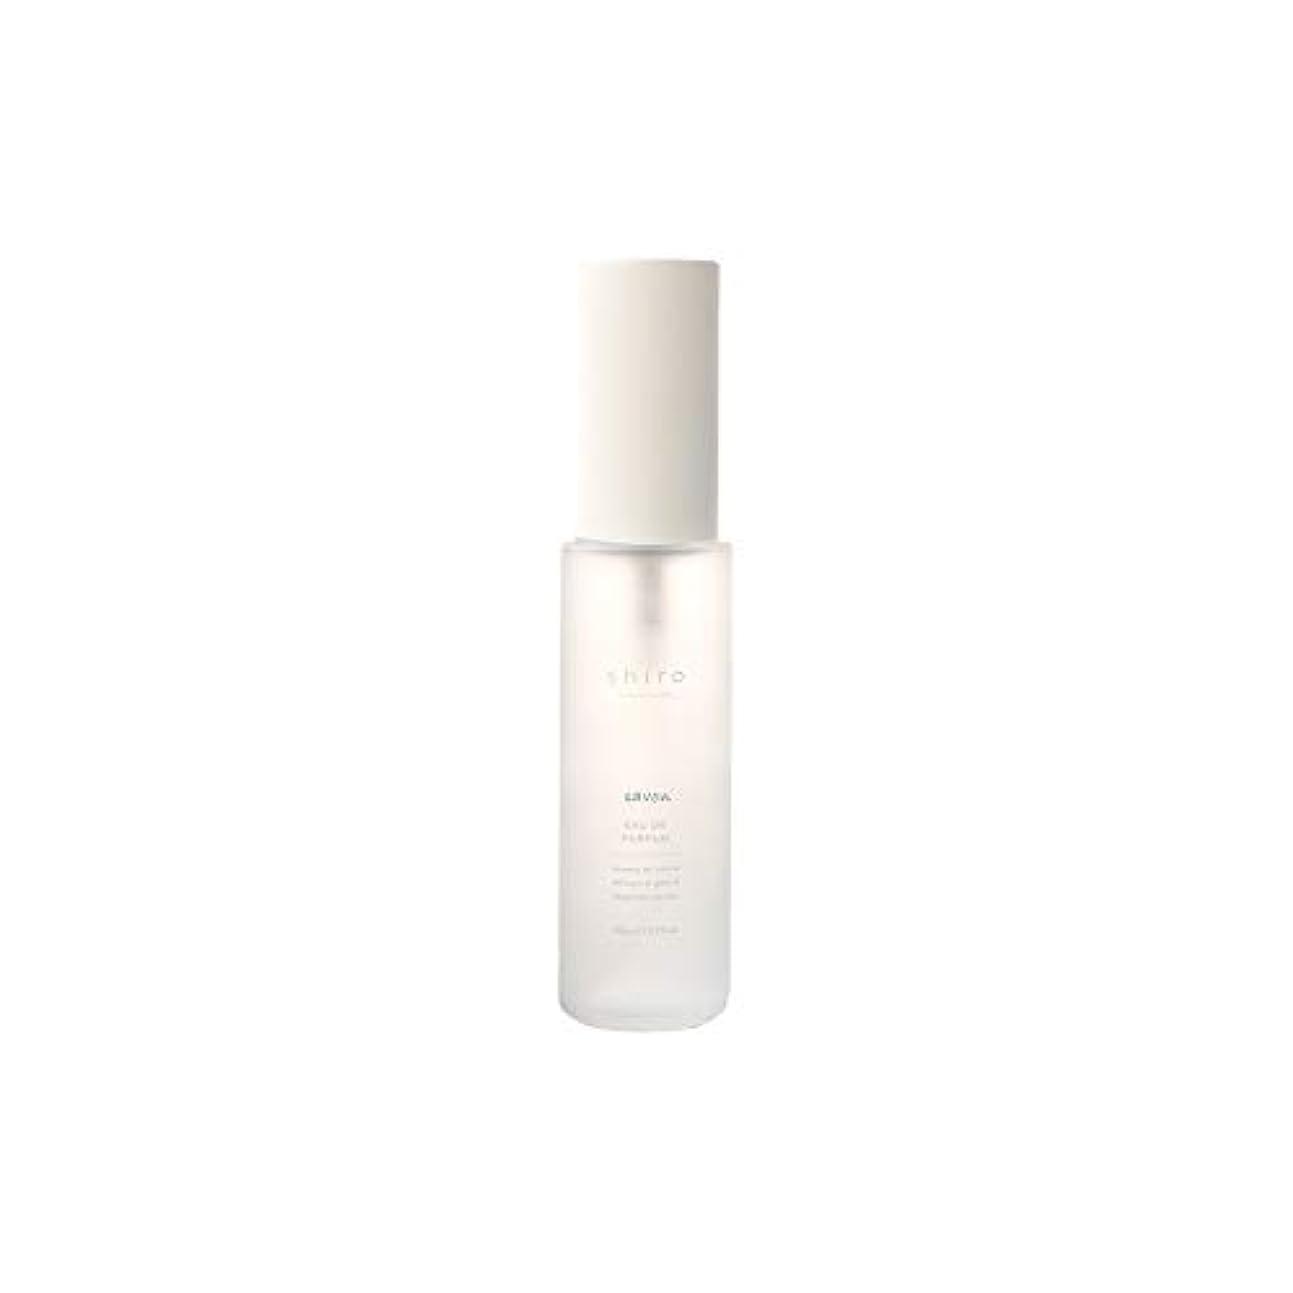 薬くそードルshiro シロ サボン オードパルファン 香水 (長時間持続) 40ml